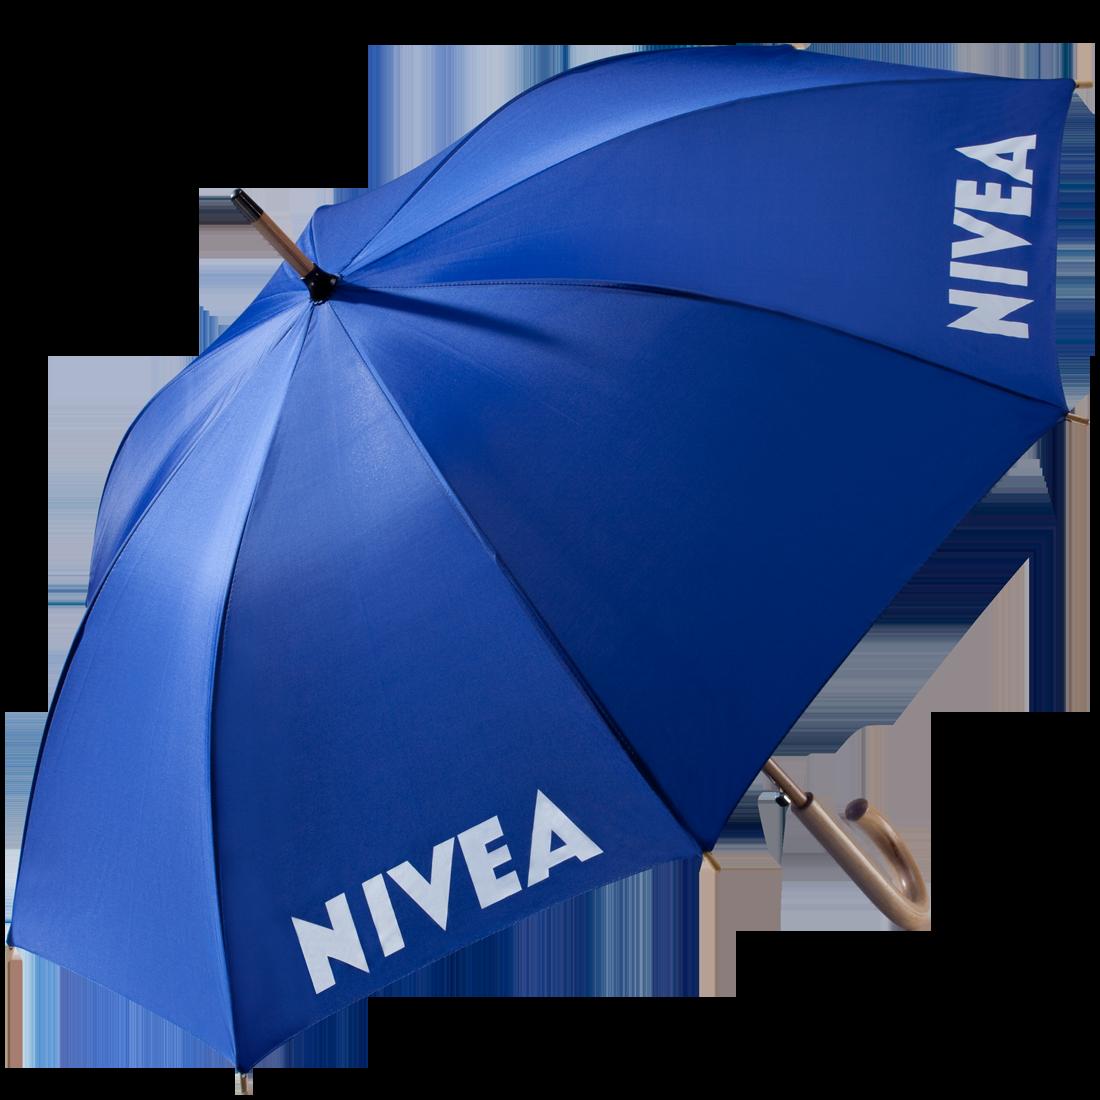 nivea suche | nivea, umbrella, blue umbrella